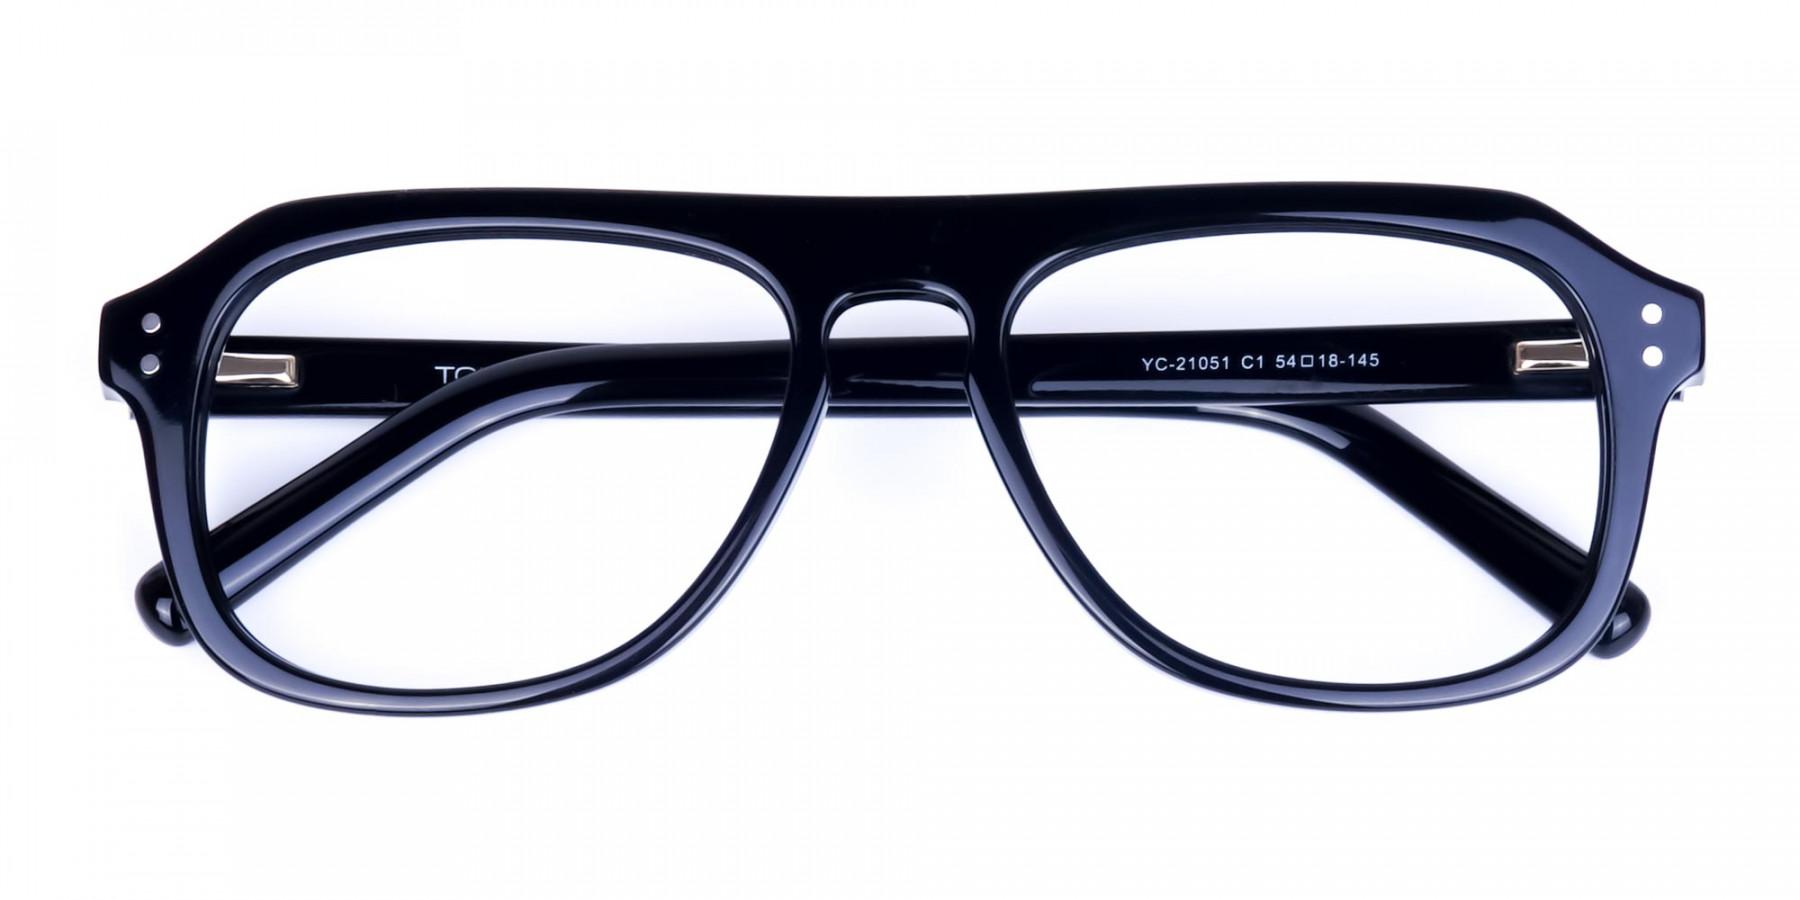 All-Black-Aviator-Glasses-Frame-1